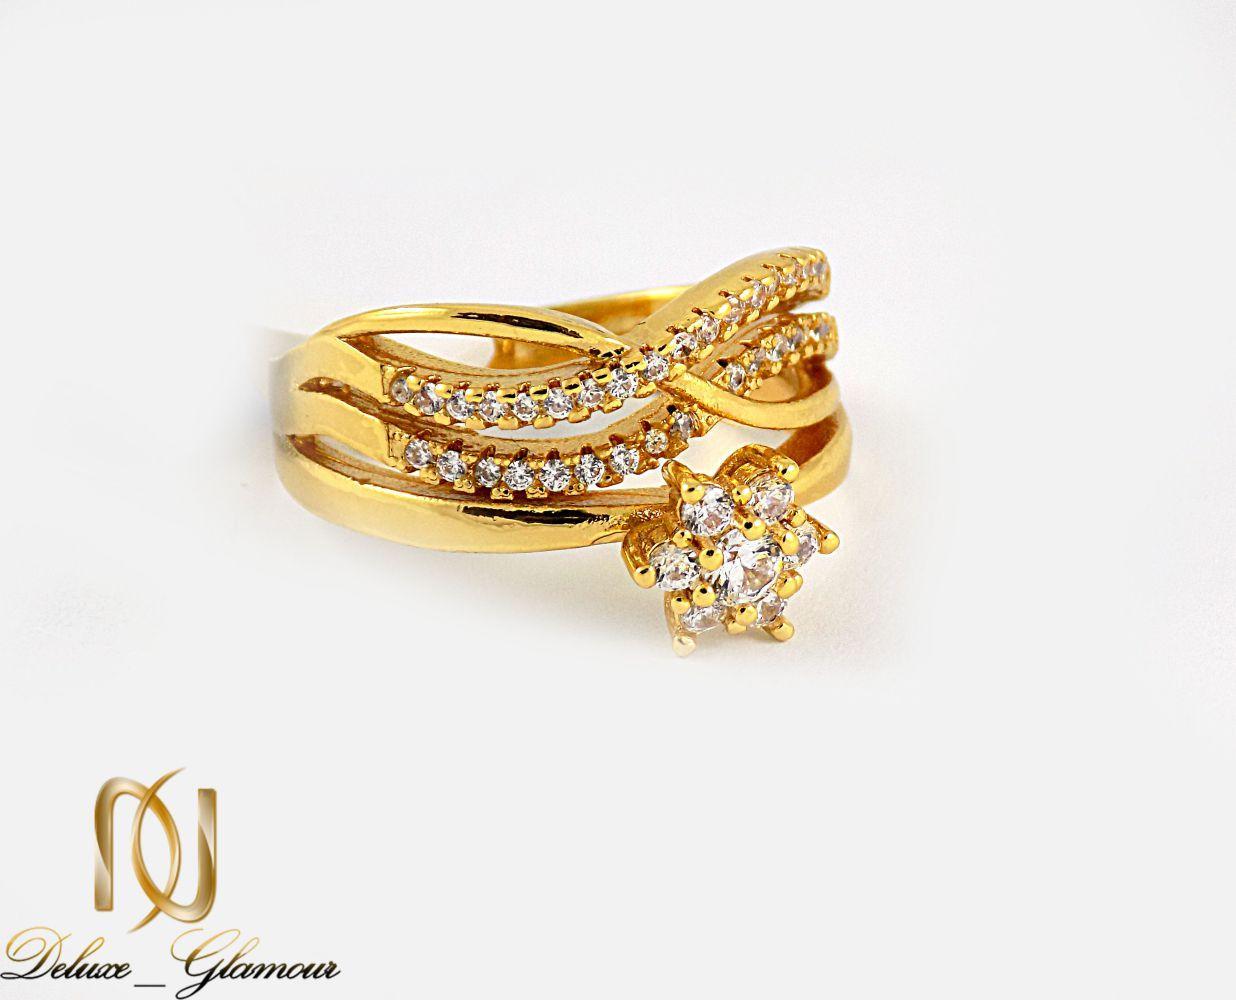 انگشتر زنانه استیل طرح تک نگین با روکش آب طلای 18 عیار RG-N174 از نمای پایین